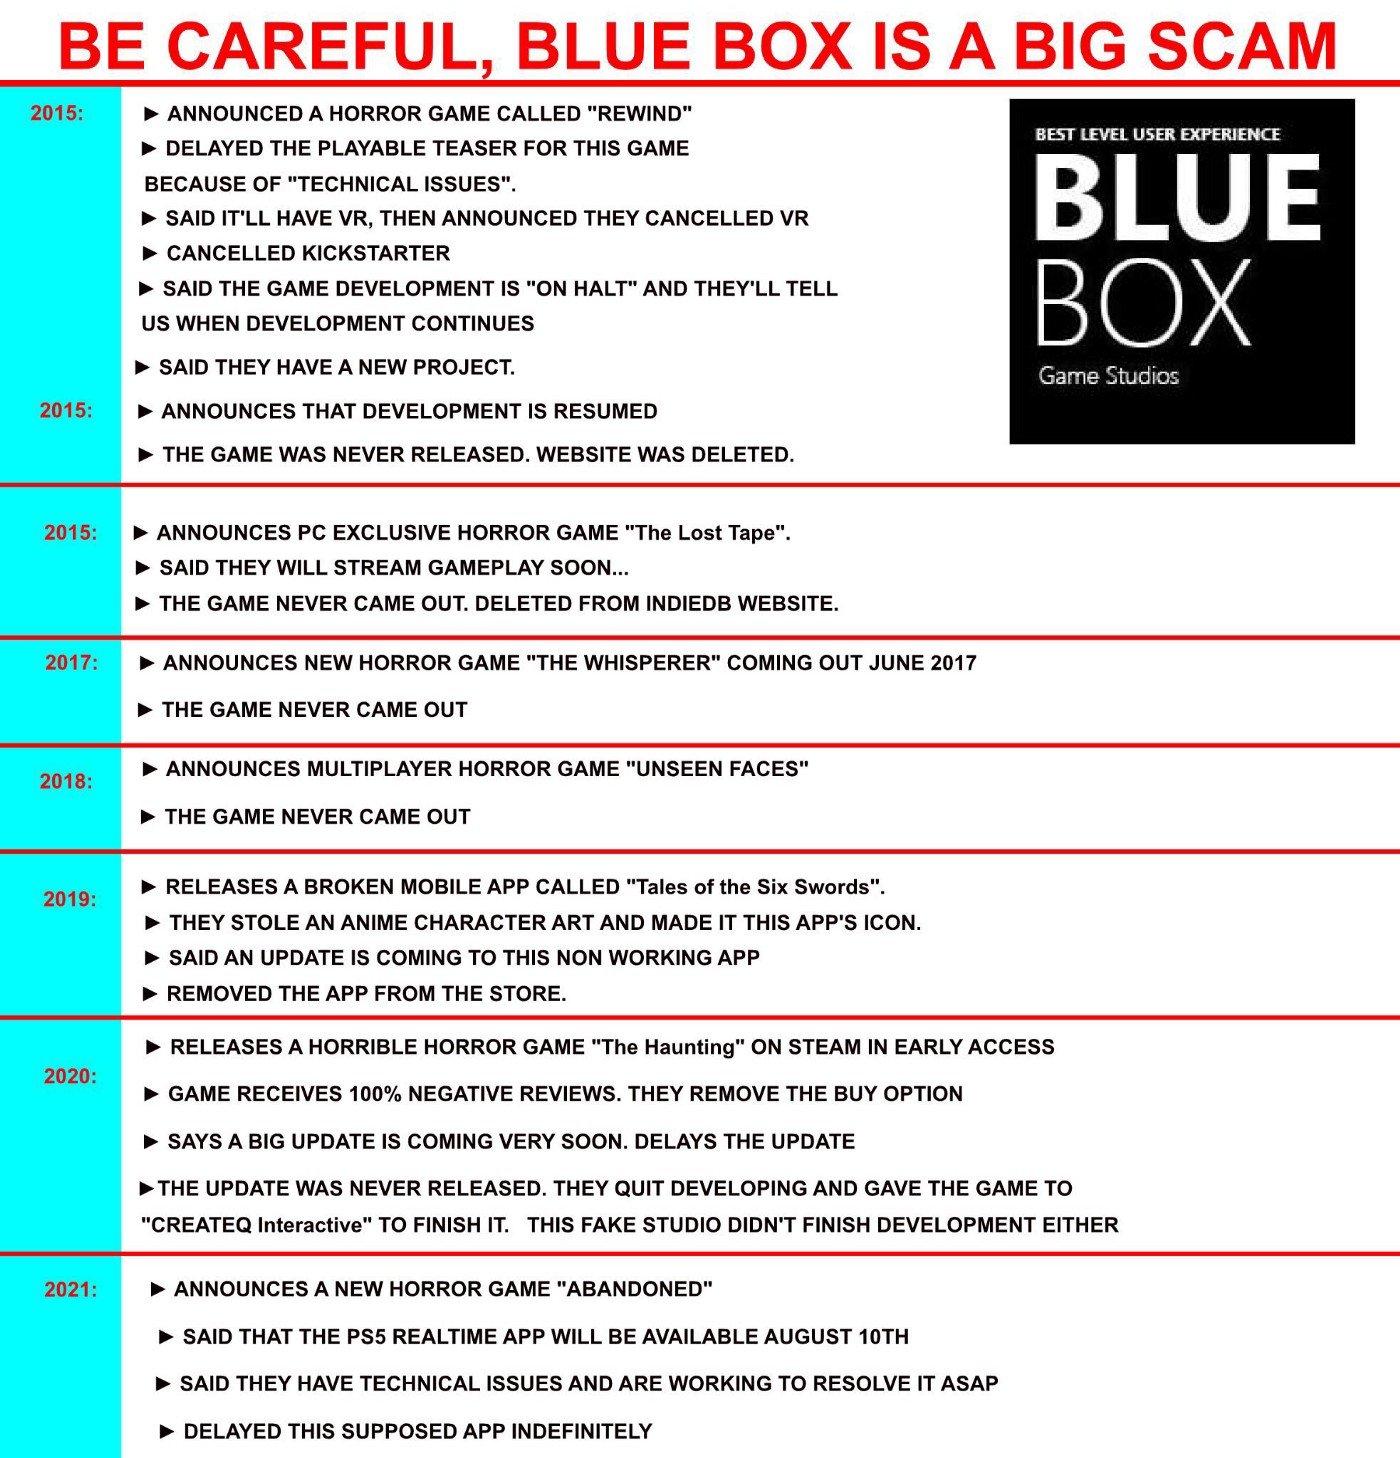 买过Blue Box差评雷作的玩家将可免费获赠《遗弃》